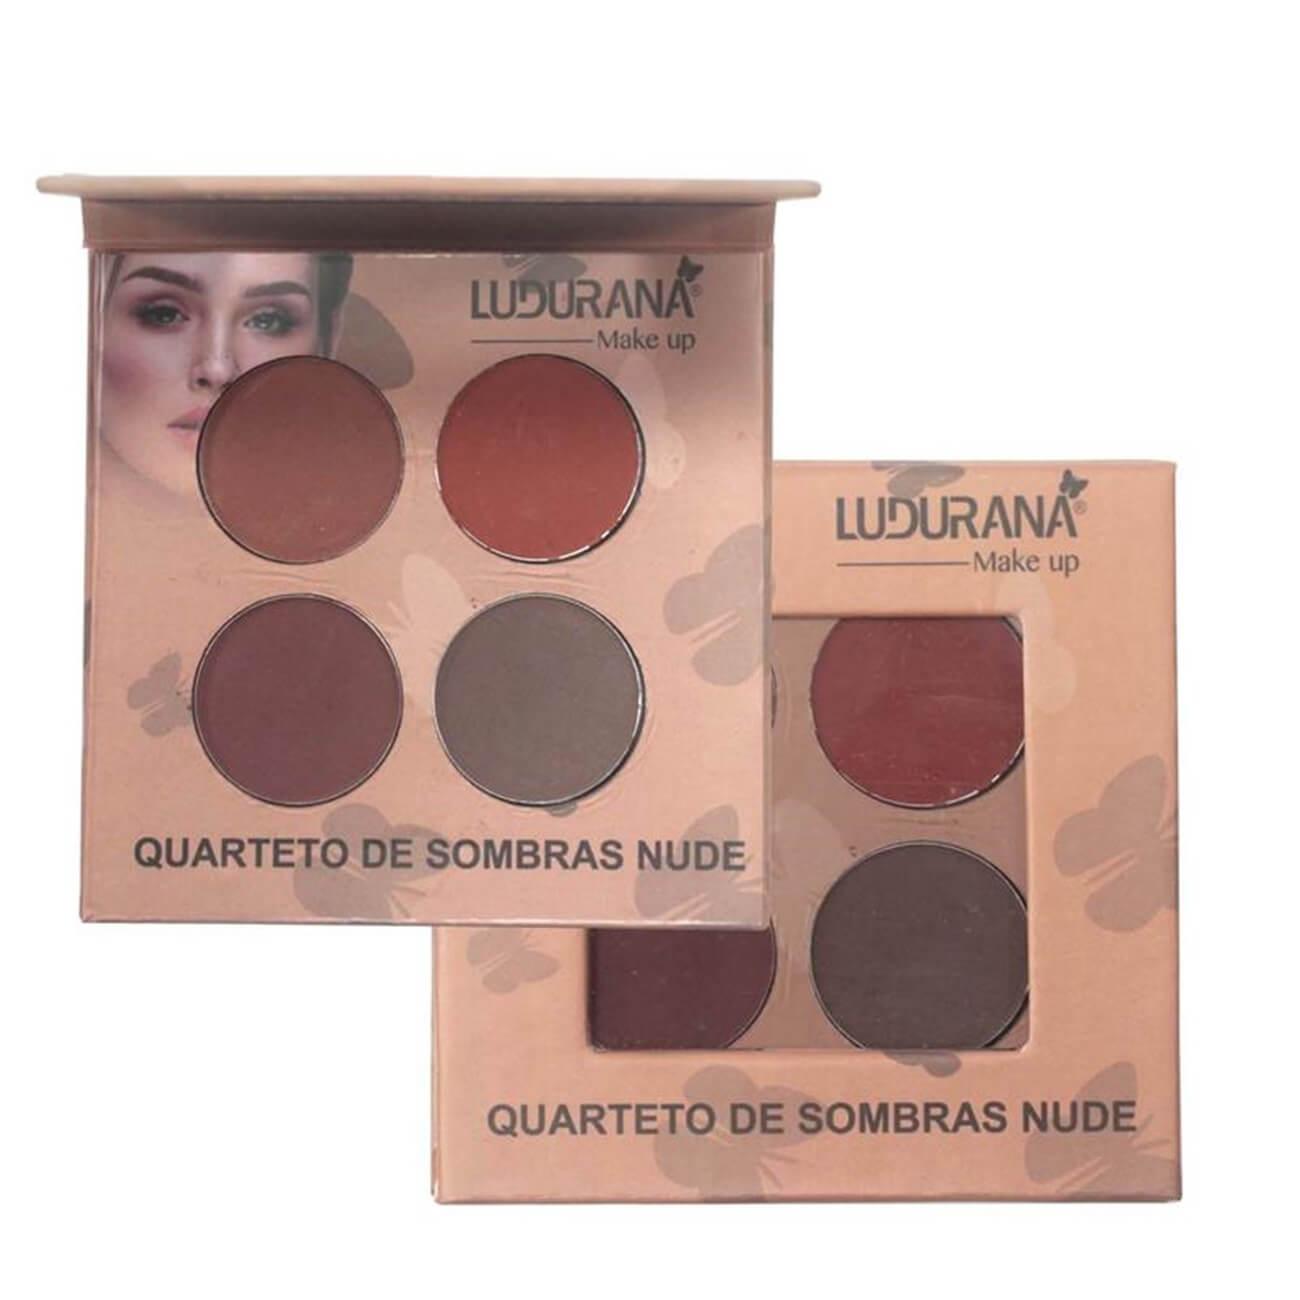 Quarteto de Sombras Nude - Ludurana Make Up